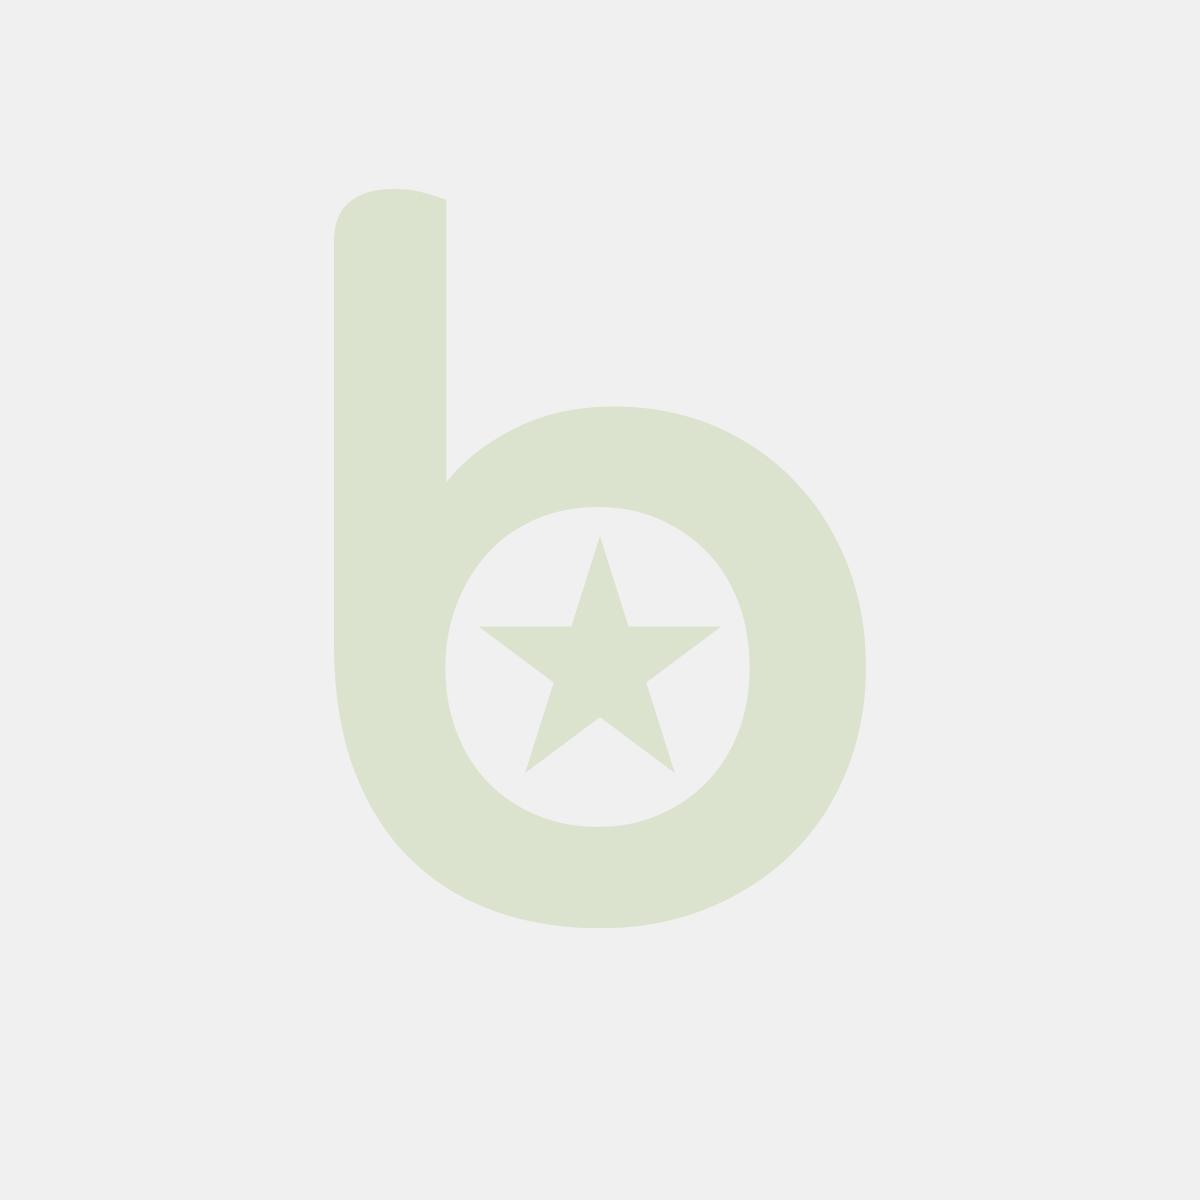 FINGERFOOD - Miseczki z drewna, 11 cm x 6,5 cm,